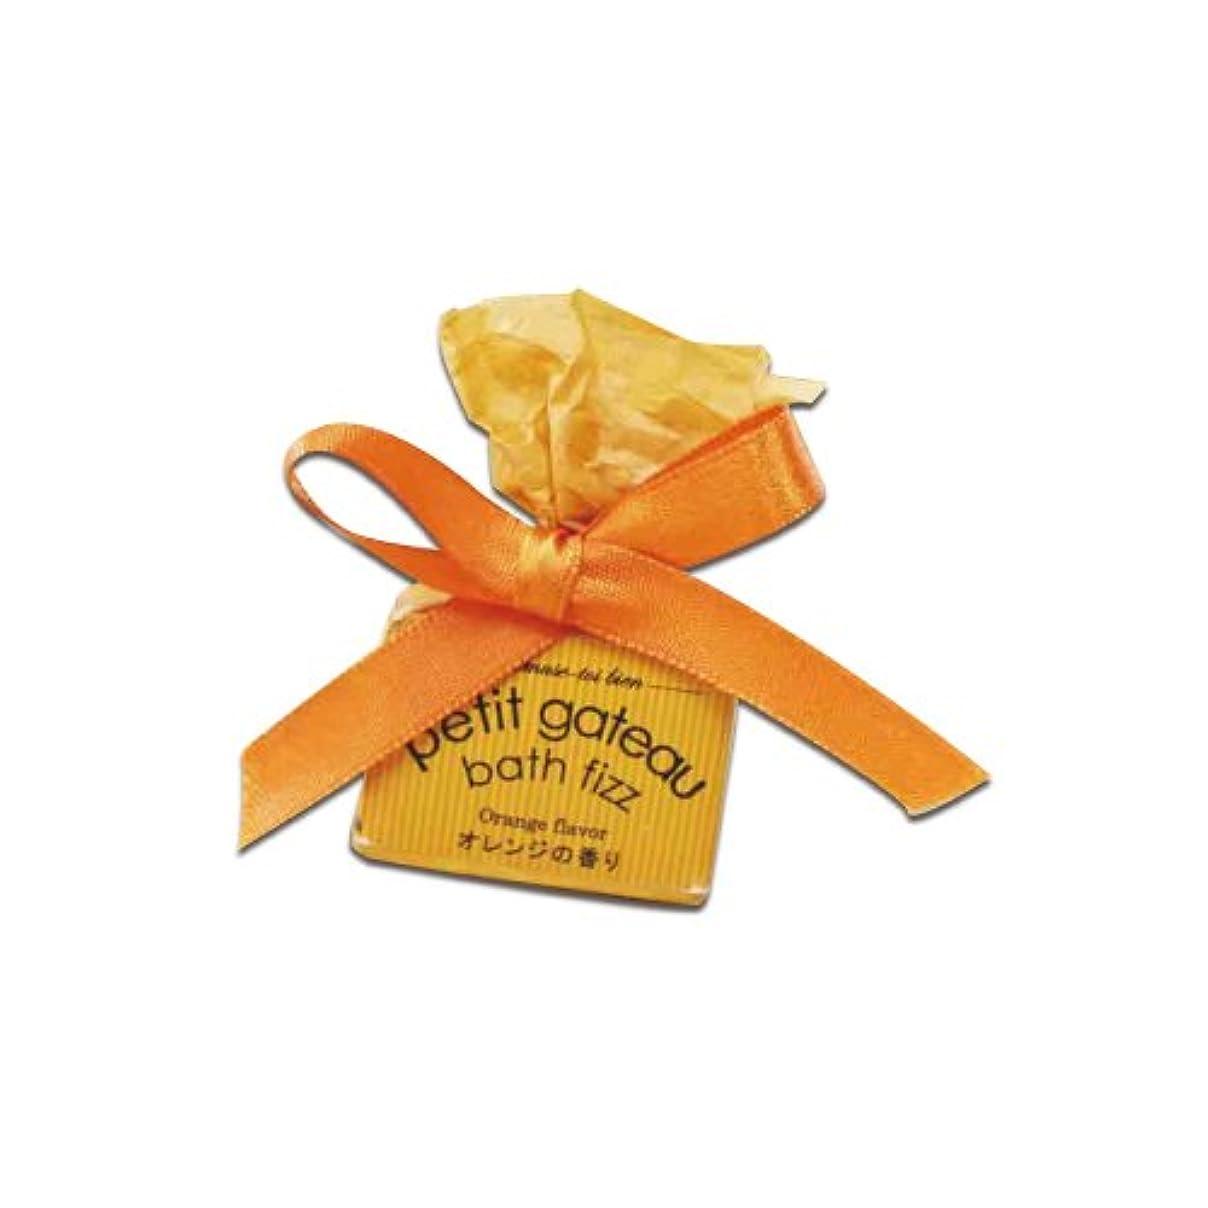 法医学男暴露プチガトーバスフィザー オレンジの香り 12個セット